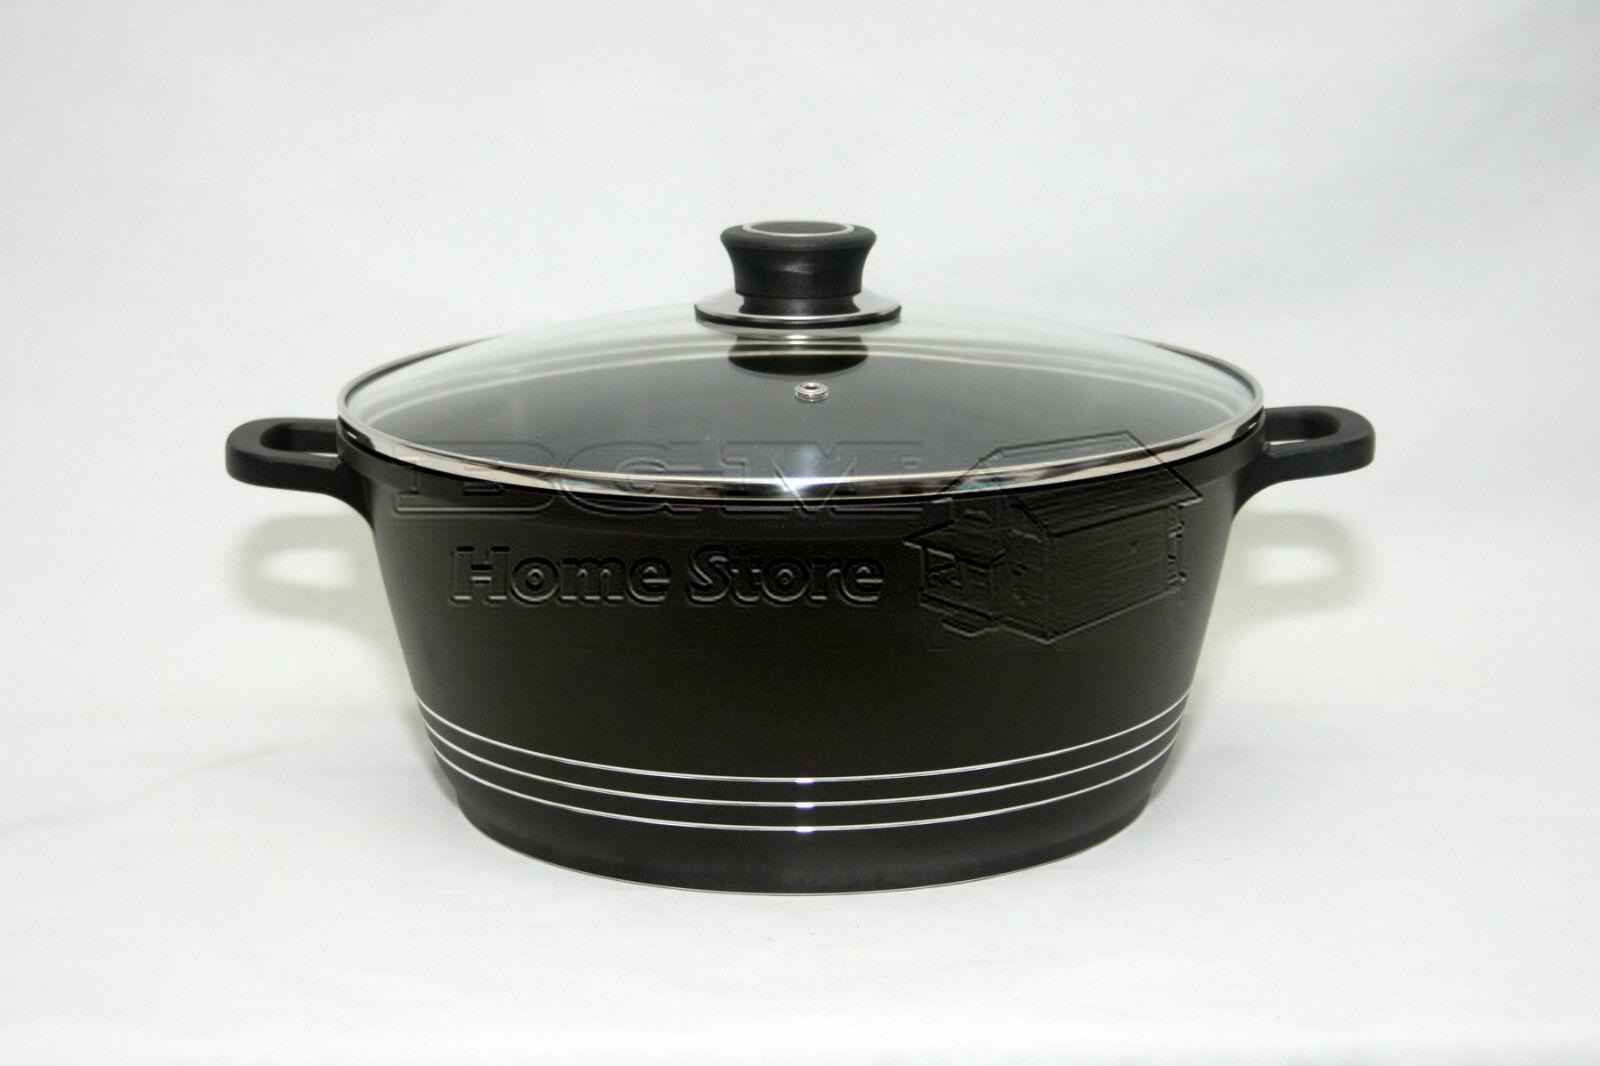 20cm die cast non stick deep induction casserole pot. Black Bedroom Furniture Sets. Home Design Ideas